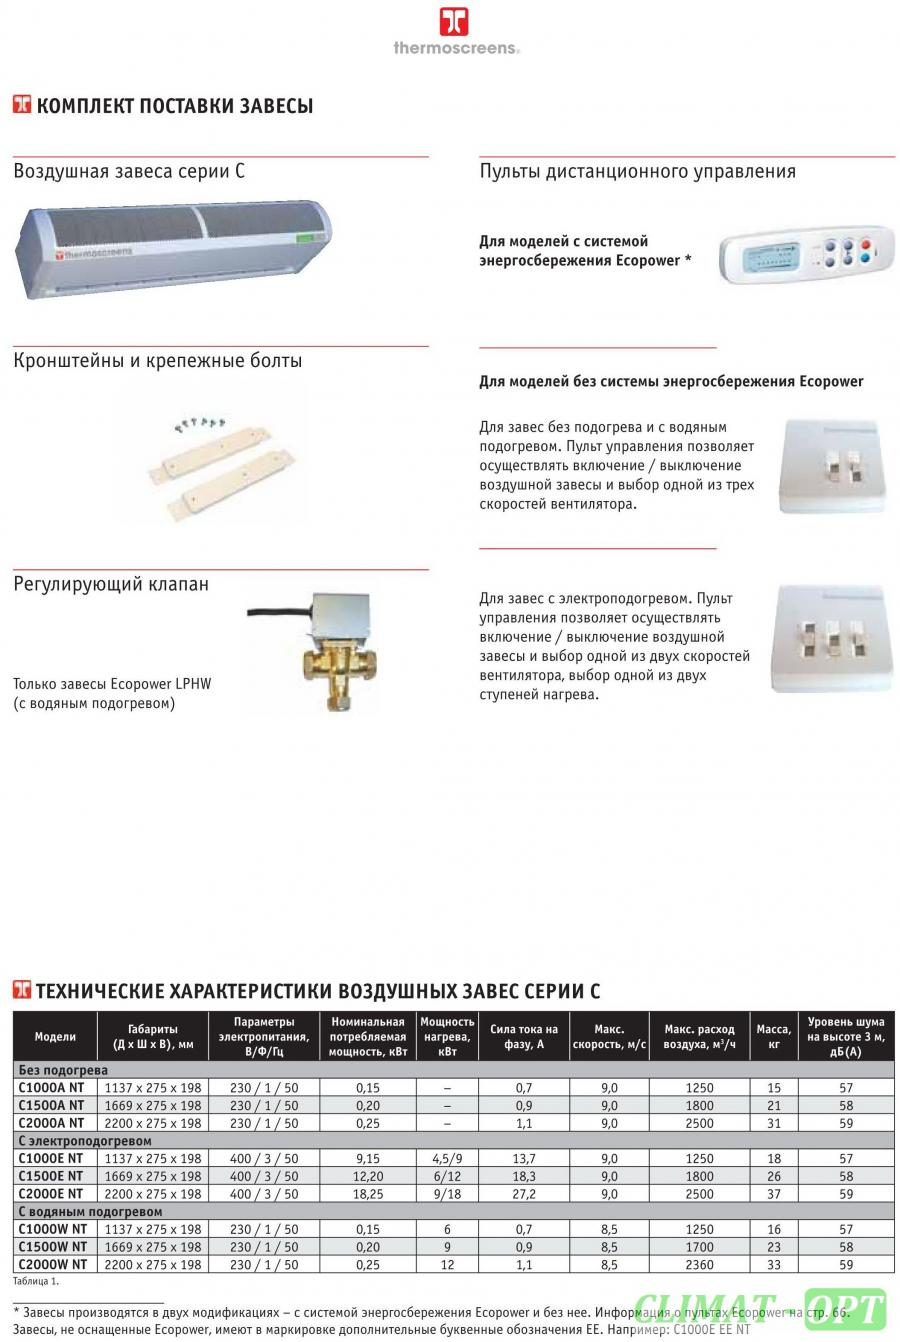 Тепловые завесы Thermoscreens Cерия W NT С жидкостным подогревом